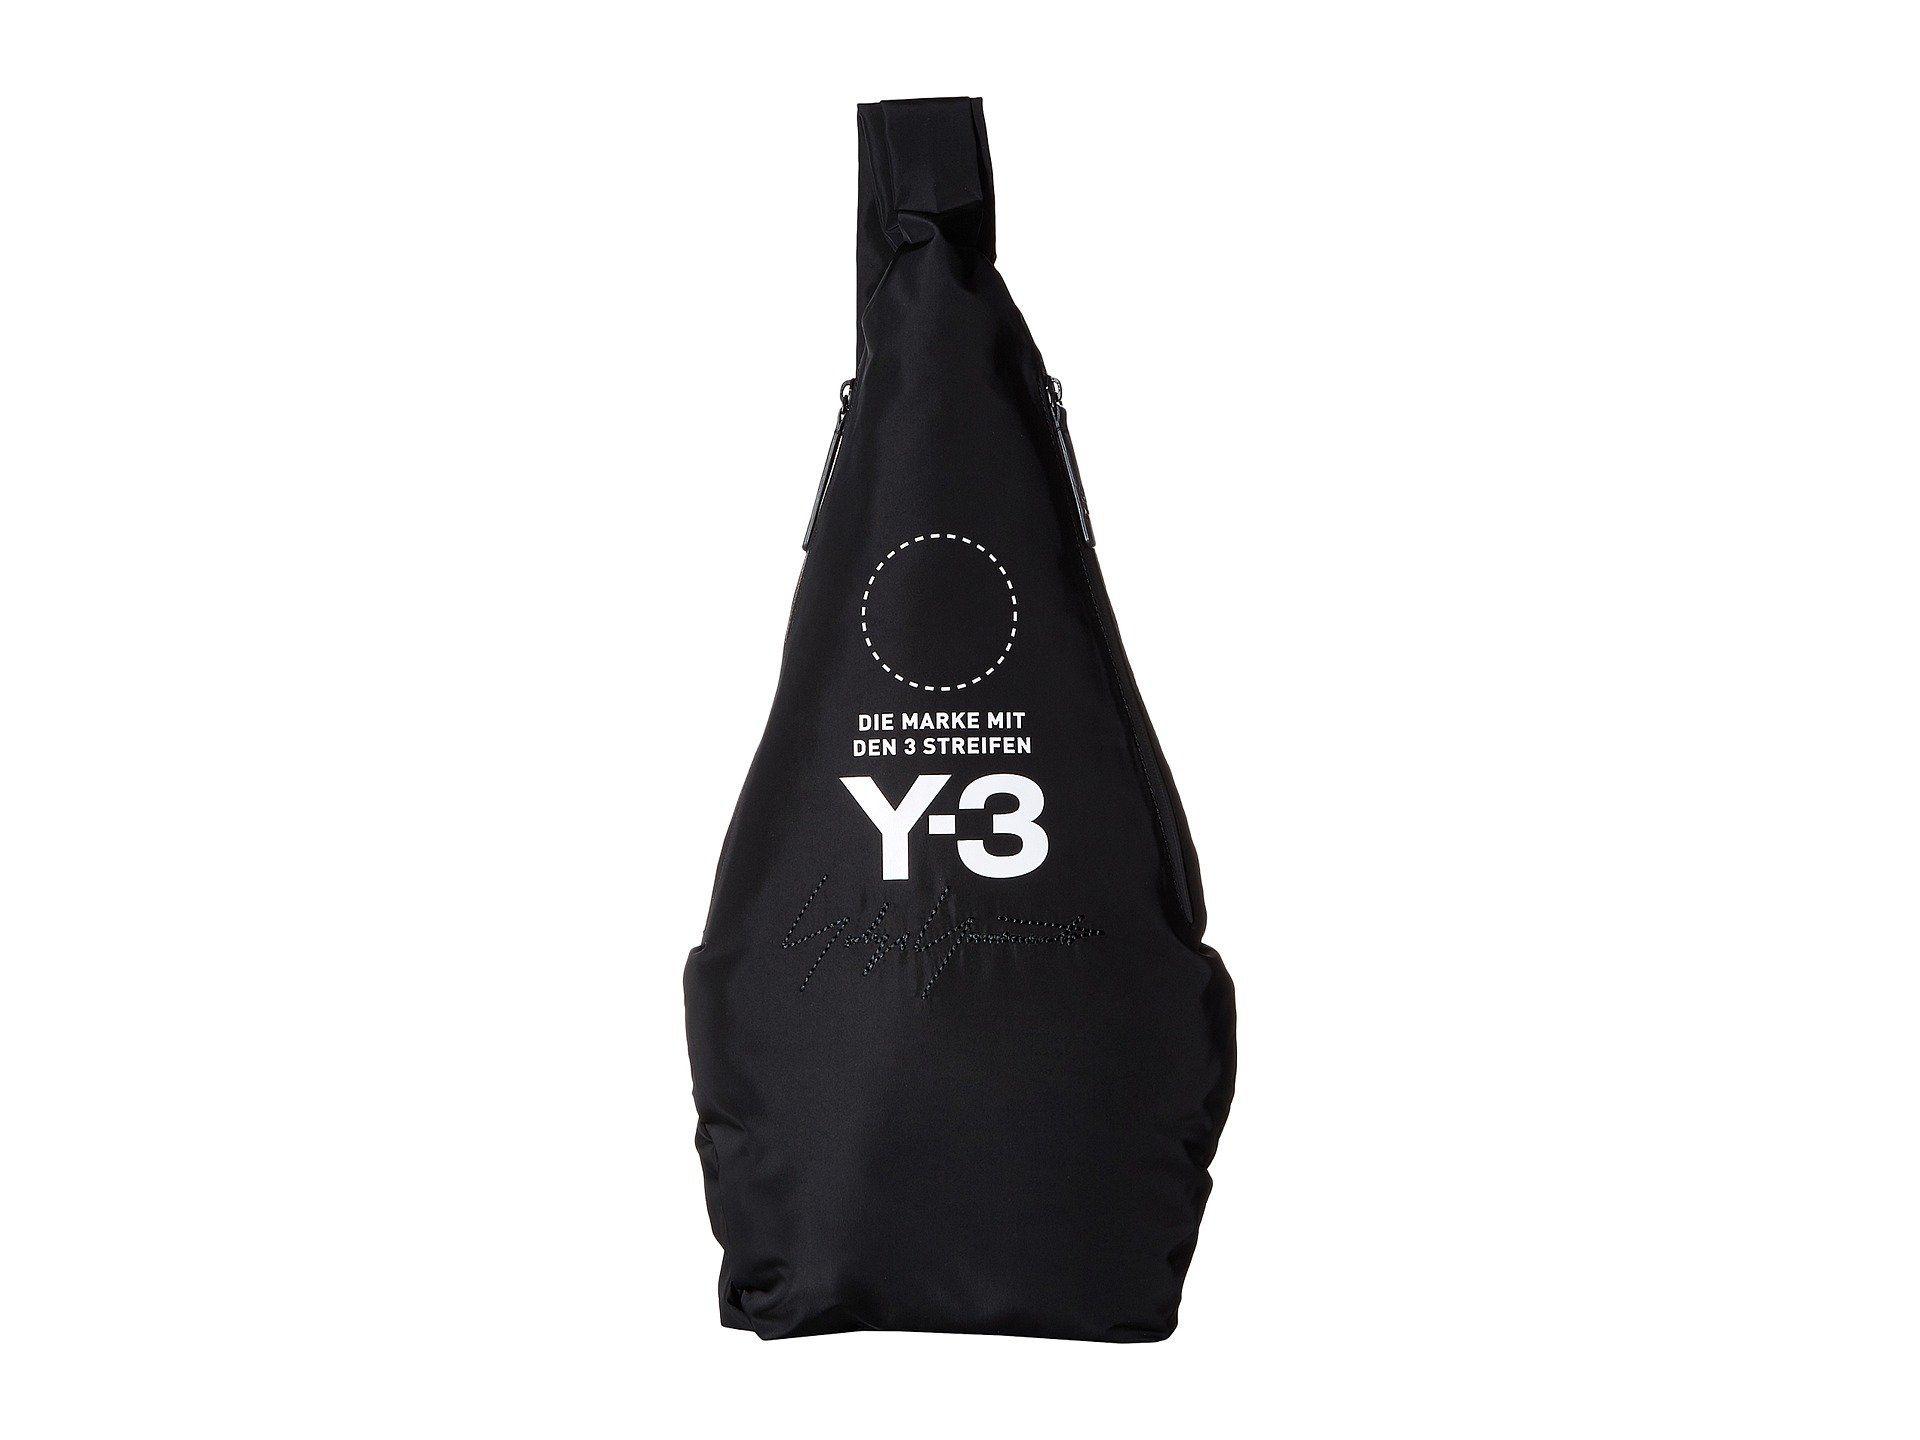 d2f90c99f70 adidas Y-3 by Yohji Yamamoto Adidas Y-3 By Yohji Yamamoto Y-3 Yohji ...